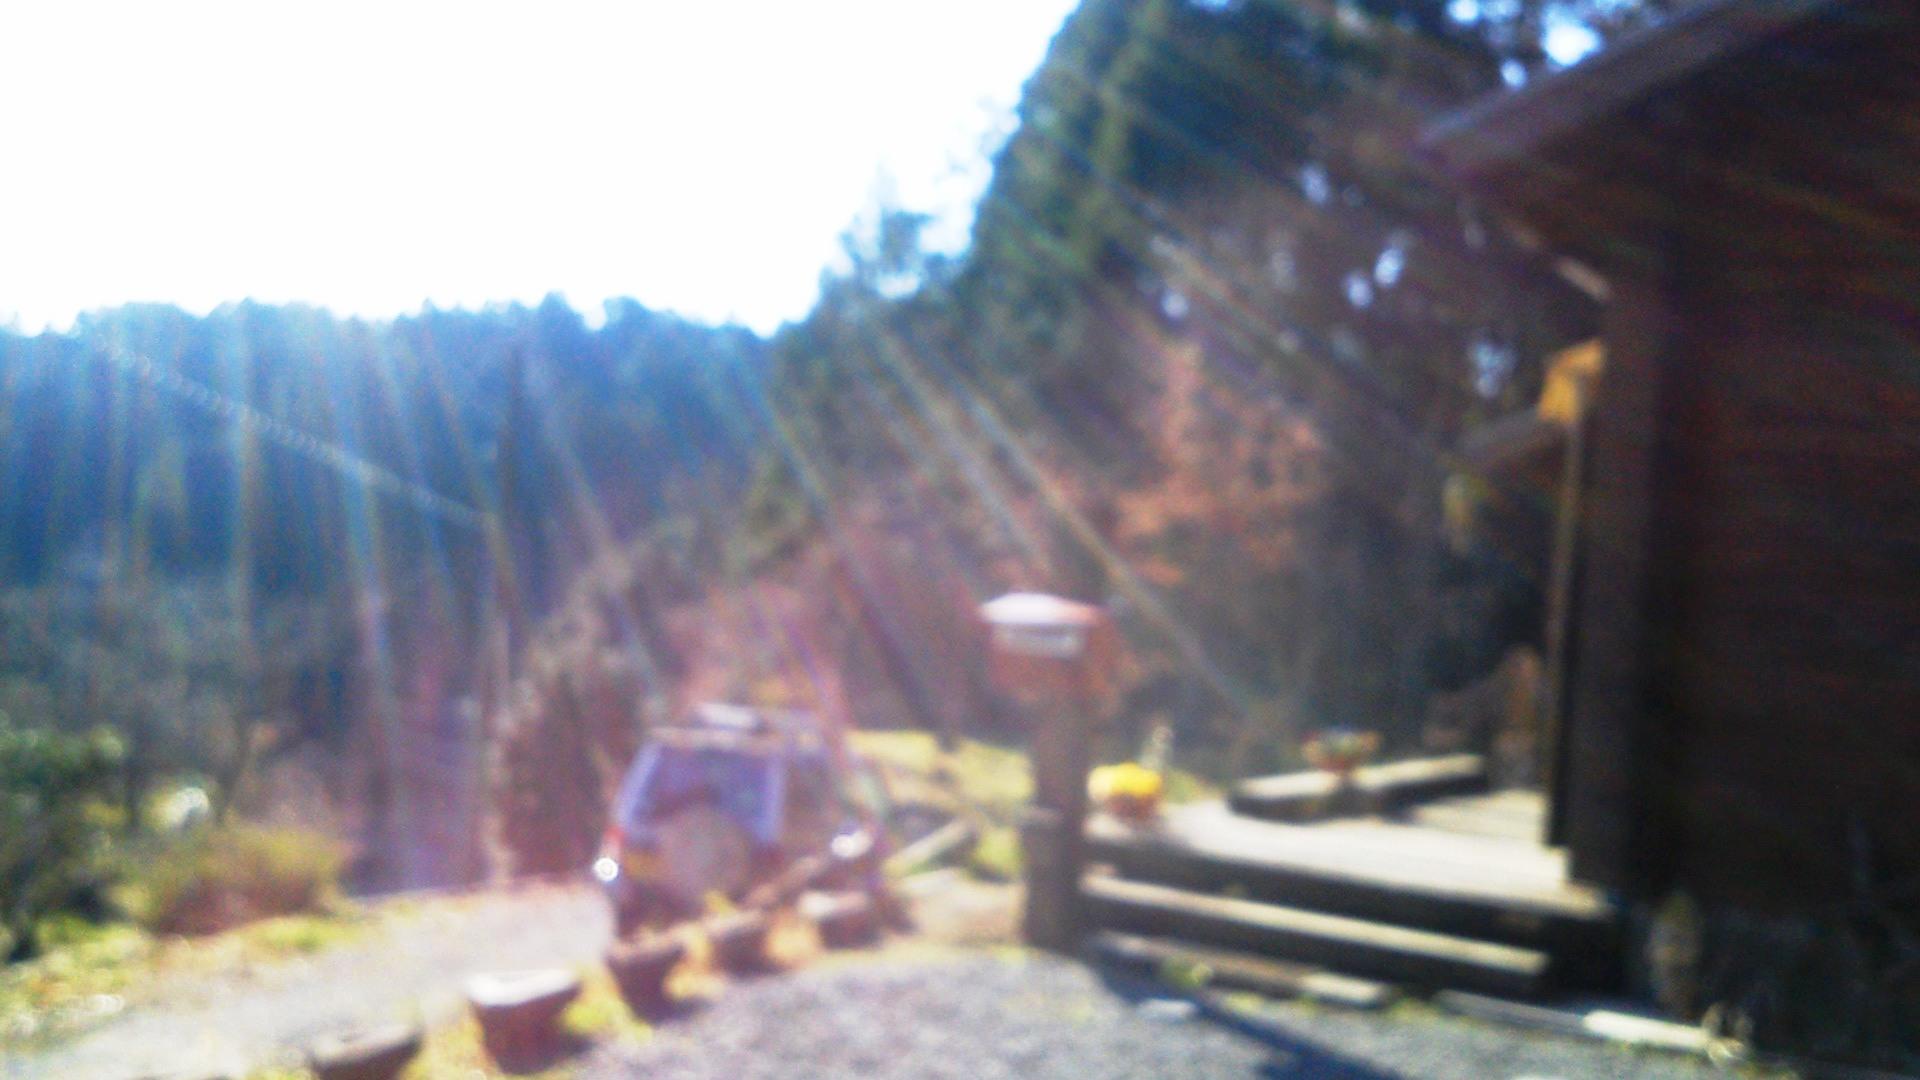 キラキラ☆光のシャワー_a0174458_1373173.jpg